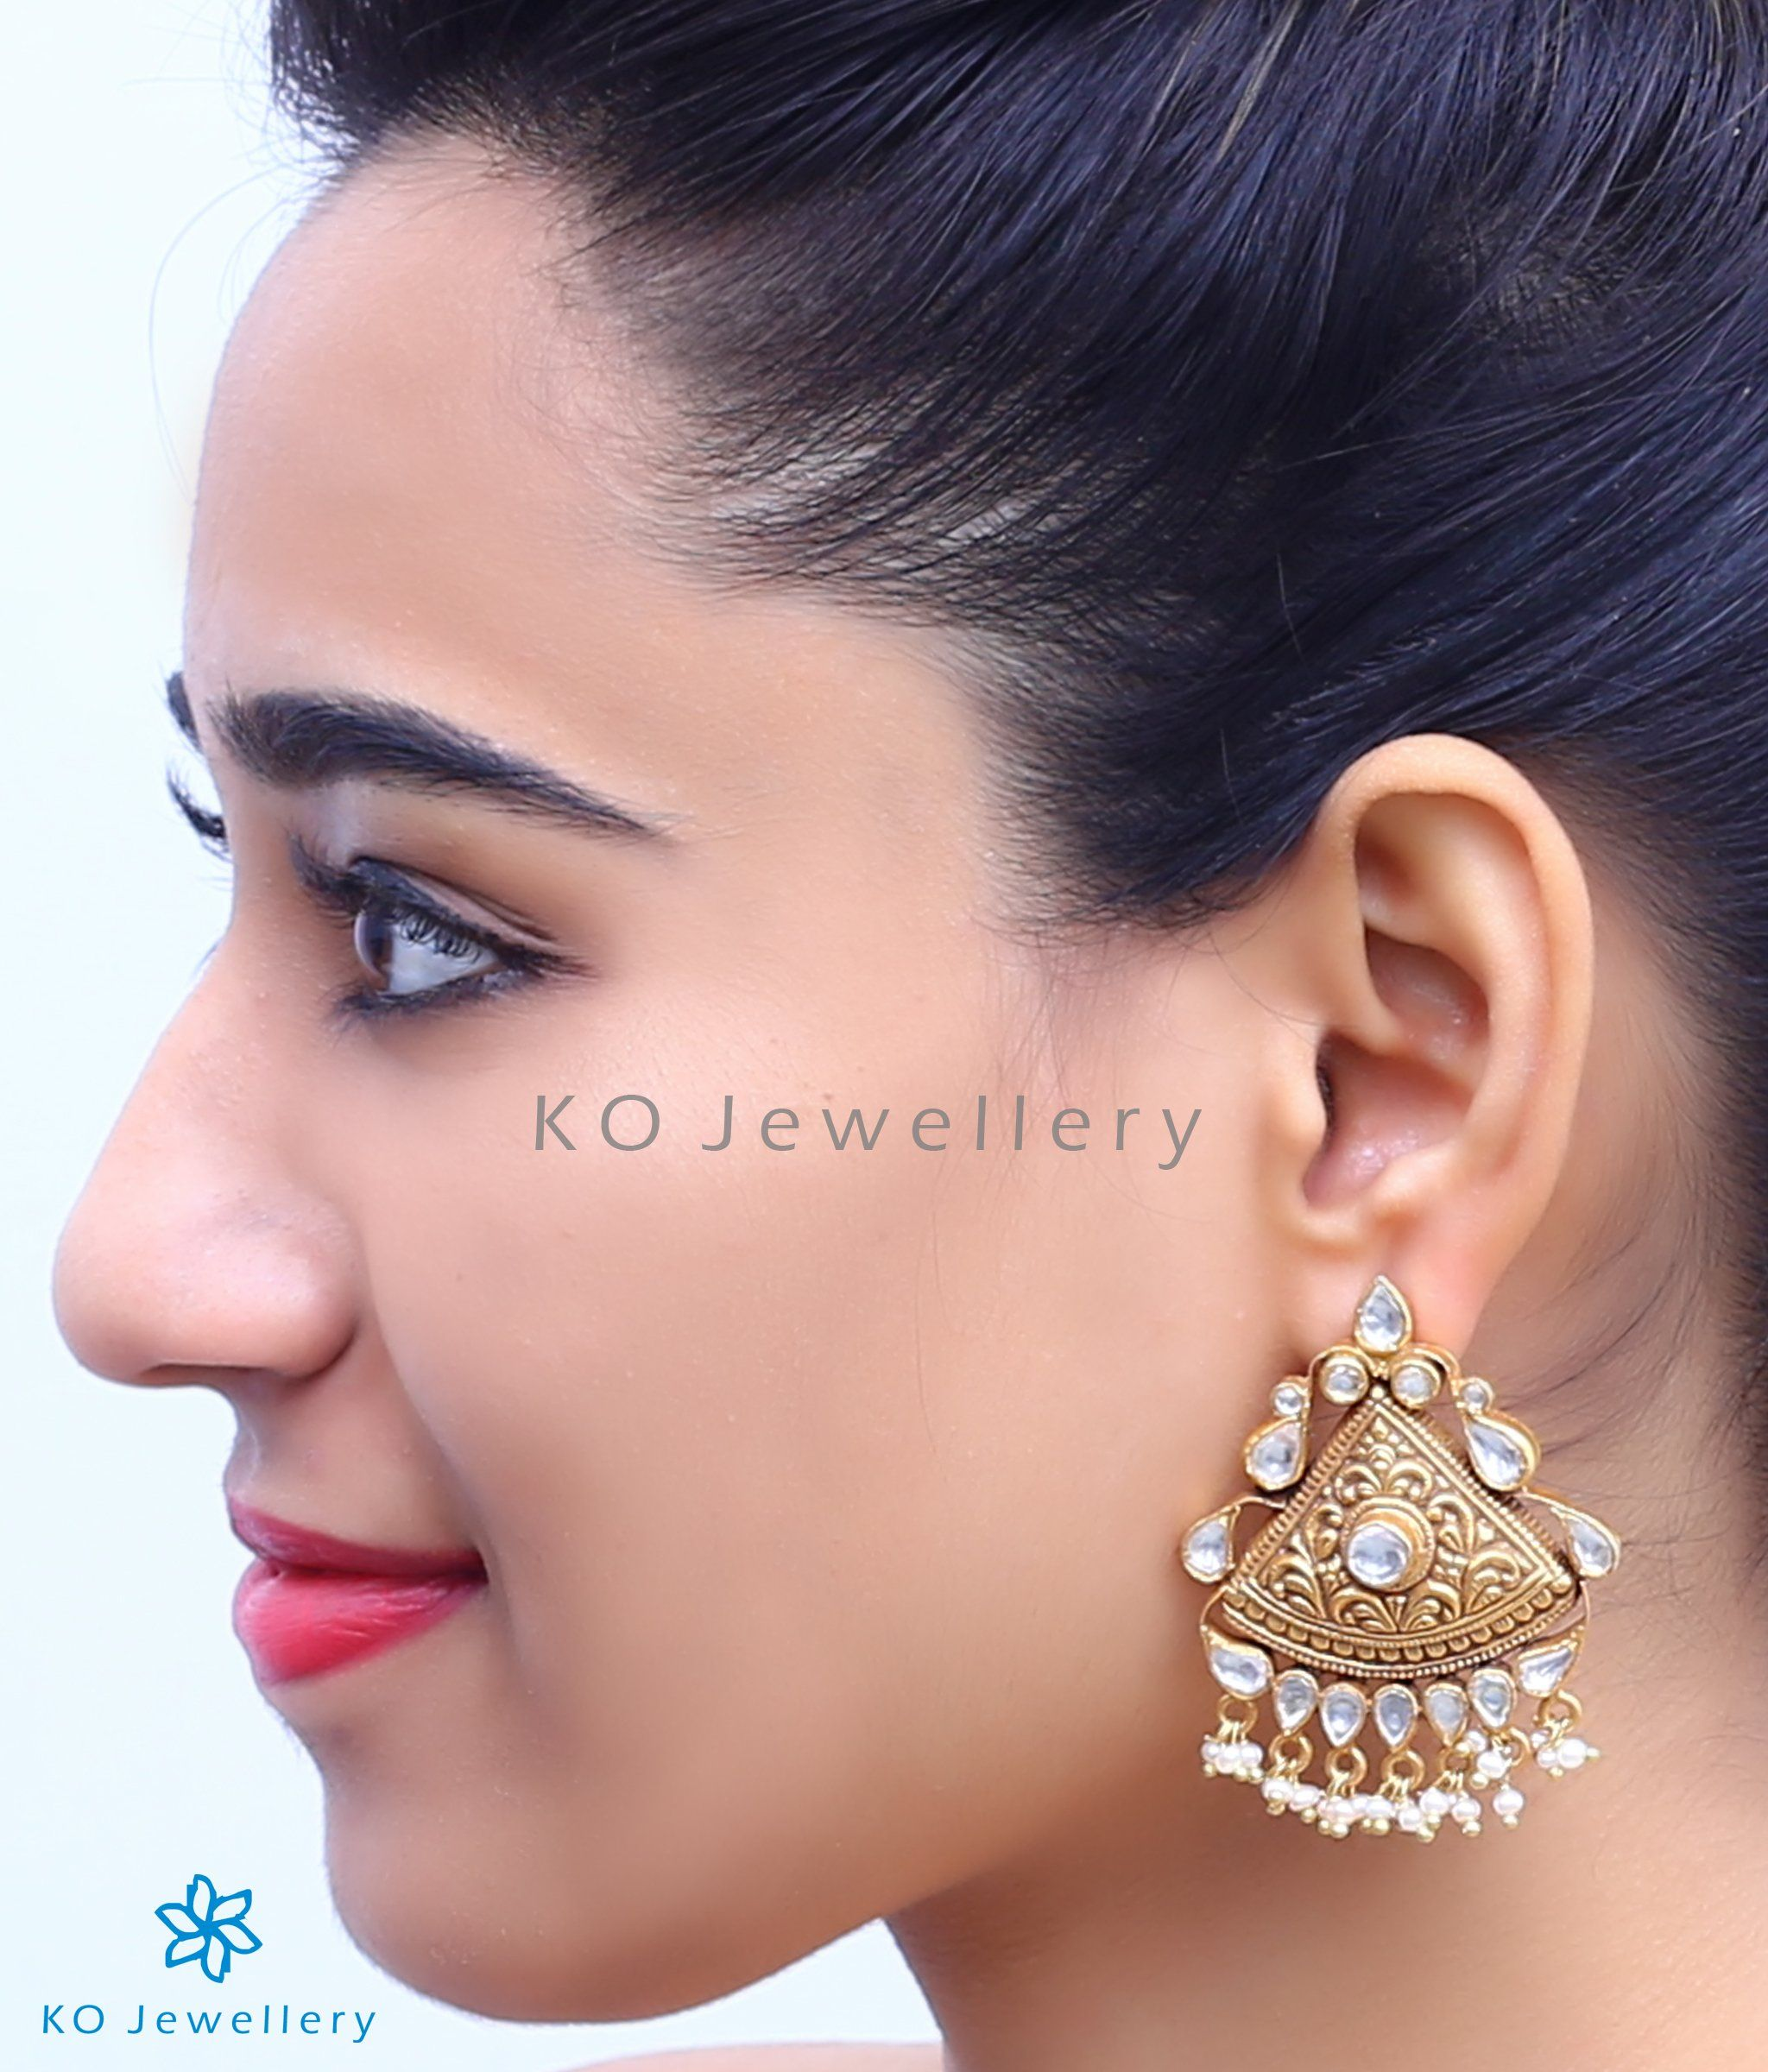 b67ec06ae The Kashish Silver Polki Earrings-Buy jadau jewellery online - KO Jewellery